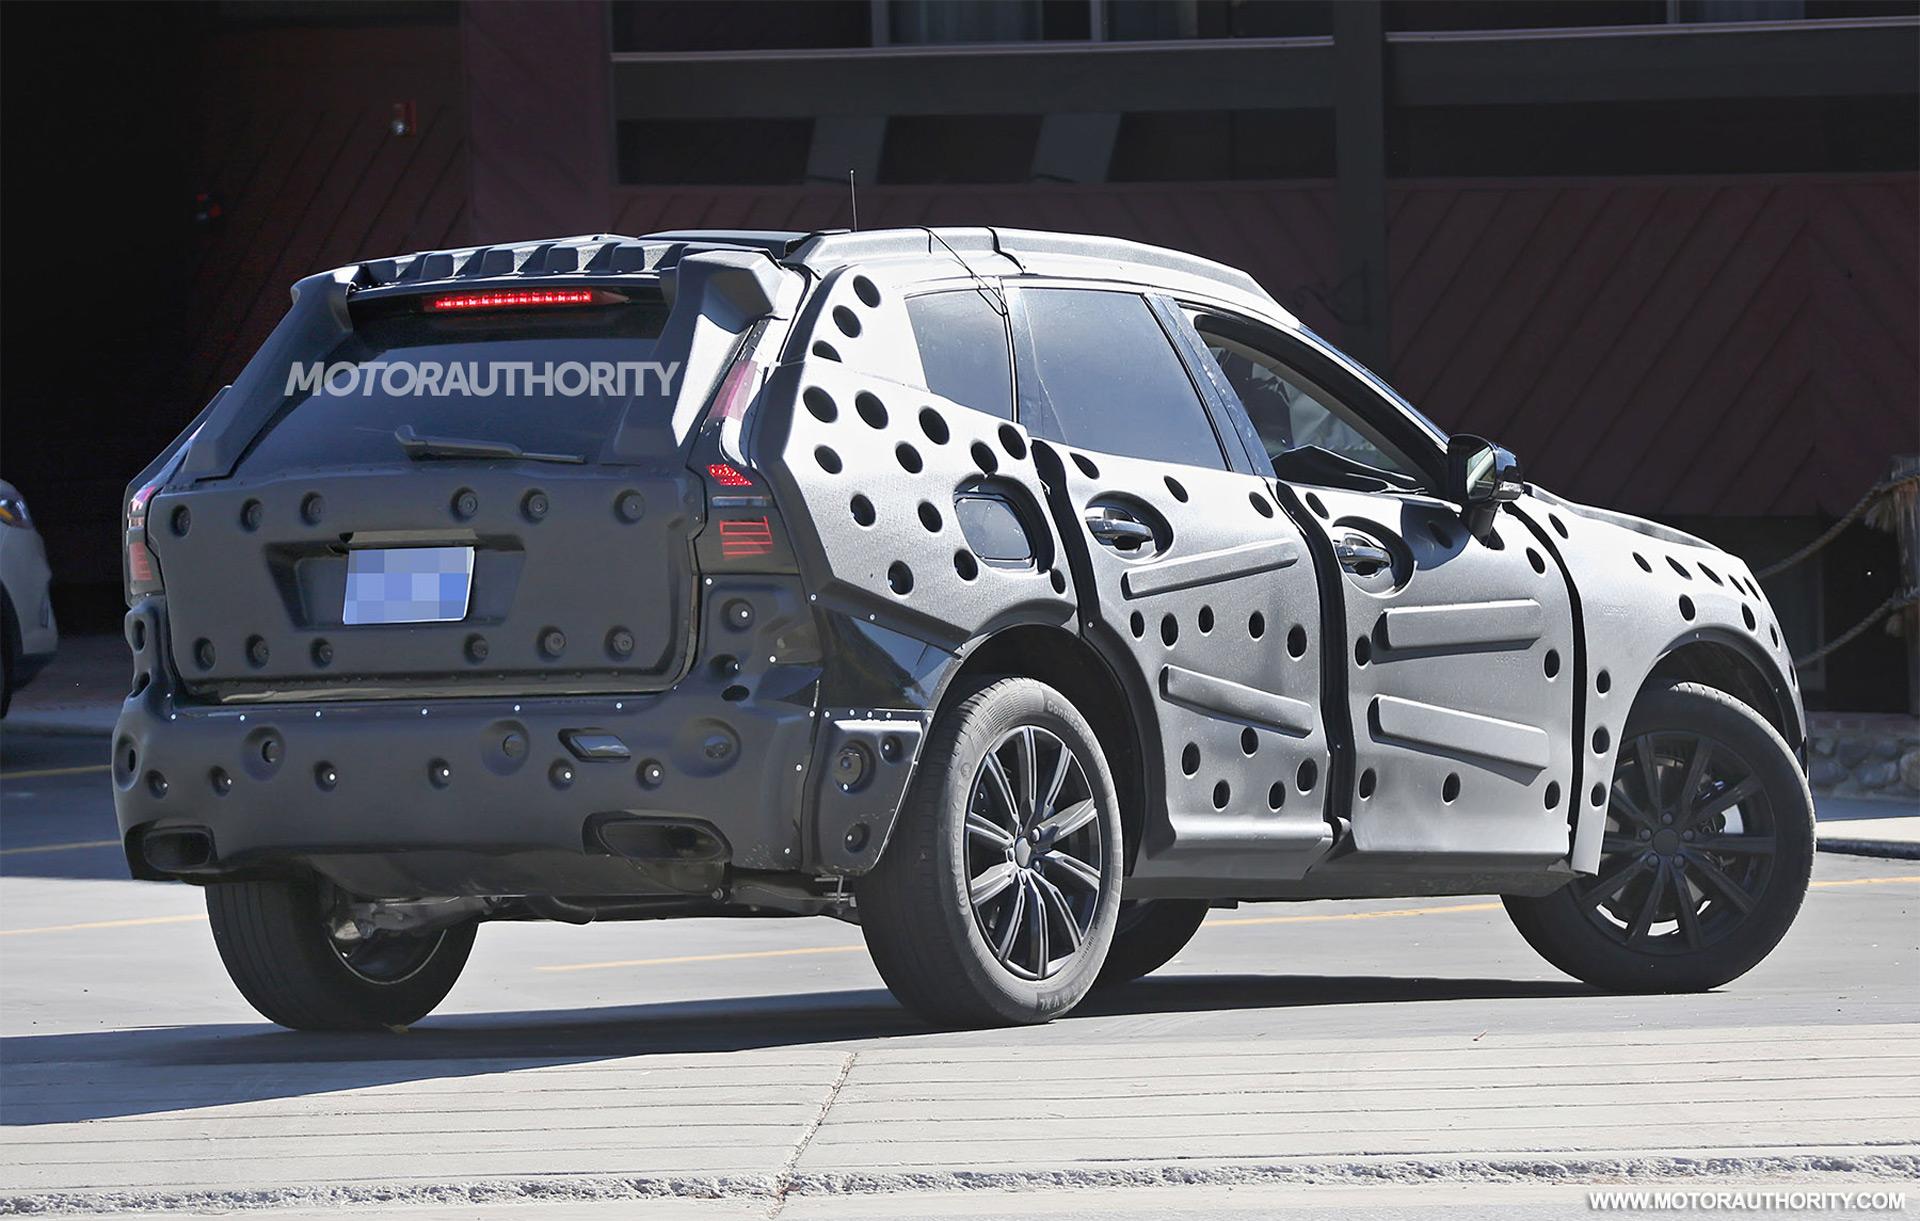 New Volvo XC60 spied, F-150 Raptor 6x6 revealed, Best Car To Buy ...